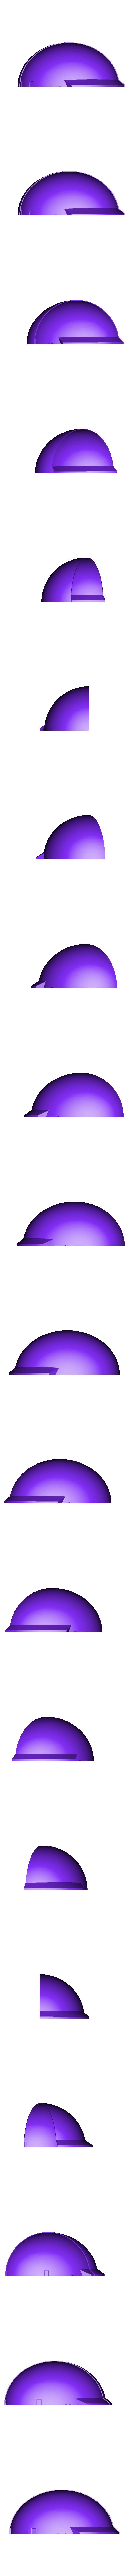 Top_head_left.stl Télécharger fichier STL gratuit Casque de disco • Objet pour imprimante 3D, Electromaker_Kits